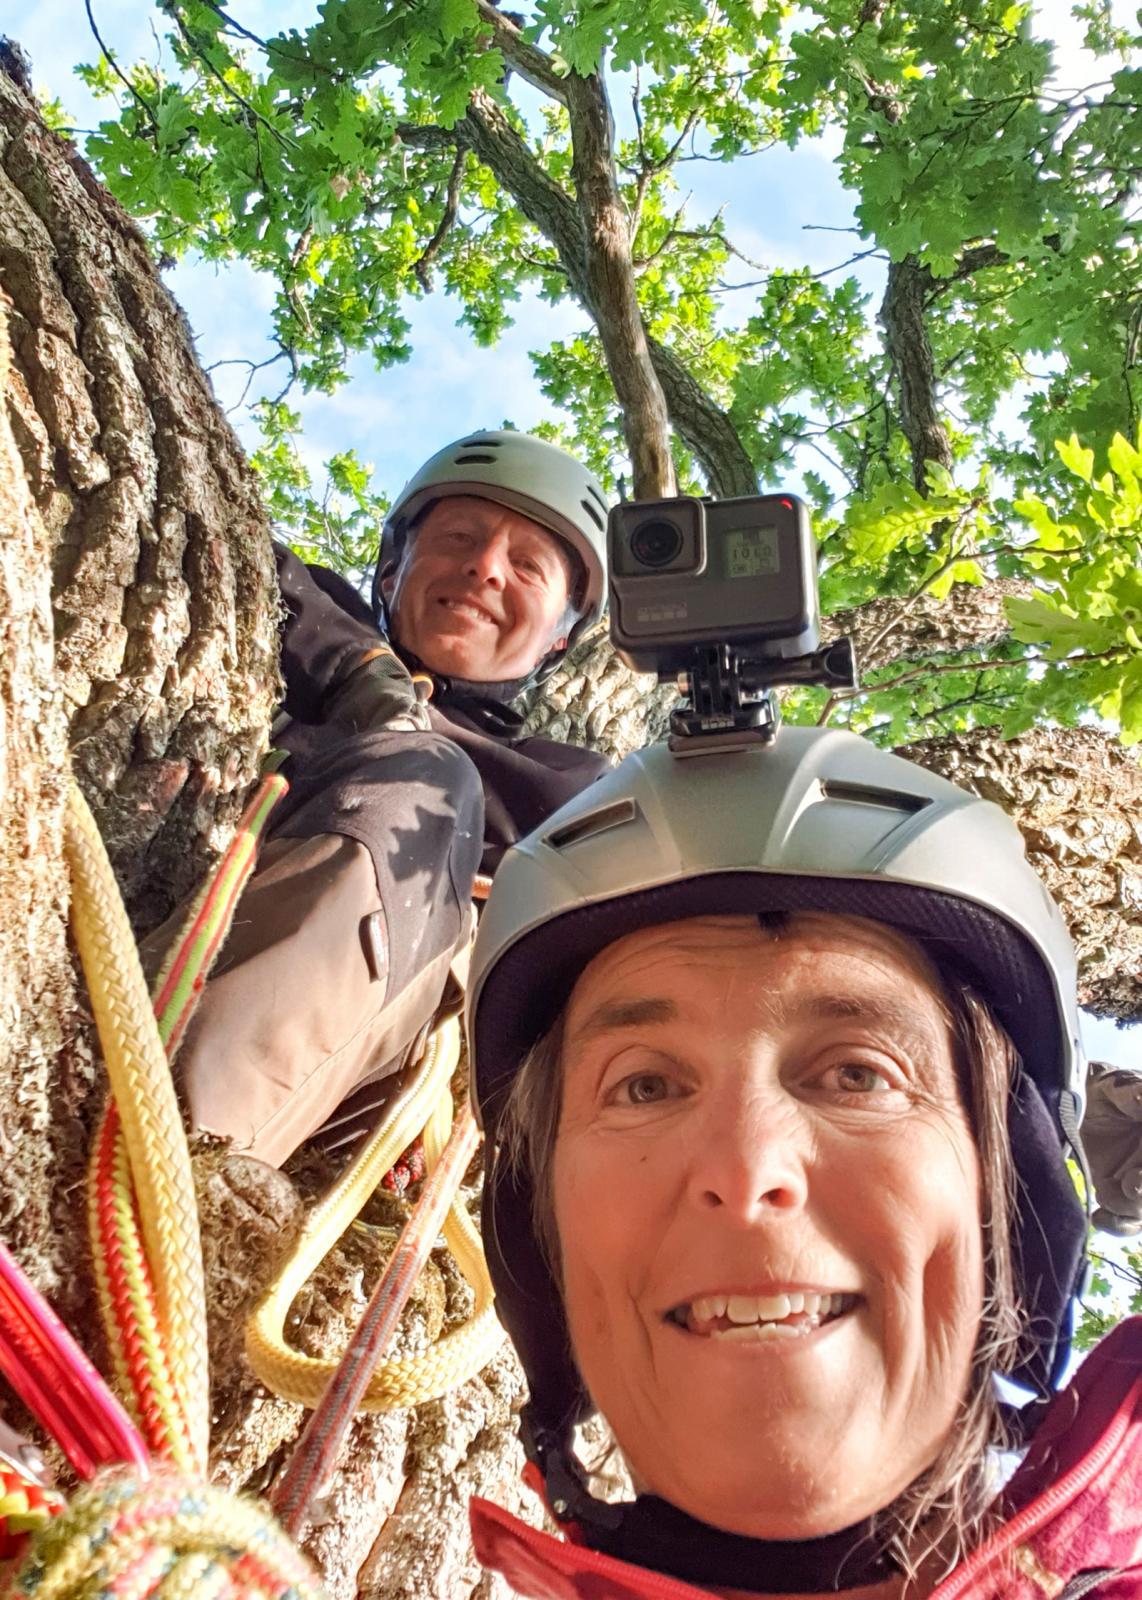 We did it! Här har Anna och Kenneth klättrat 15 meter upp i en ek, under sommarens svemester.